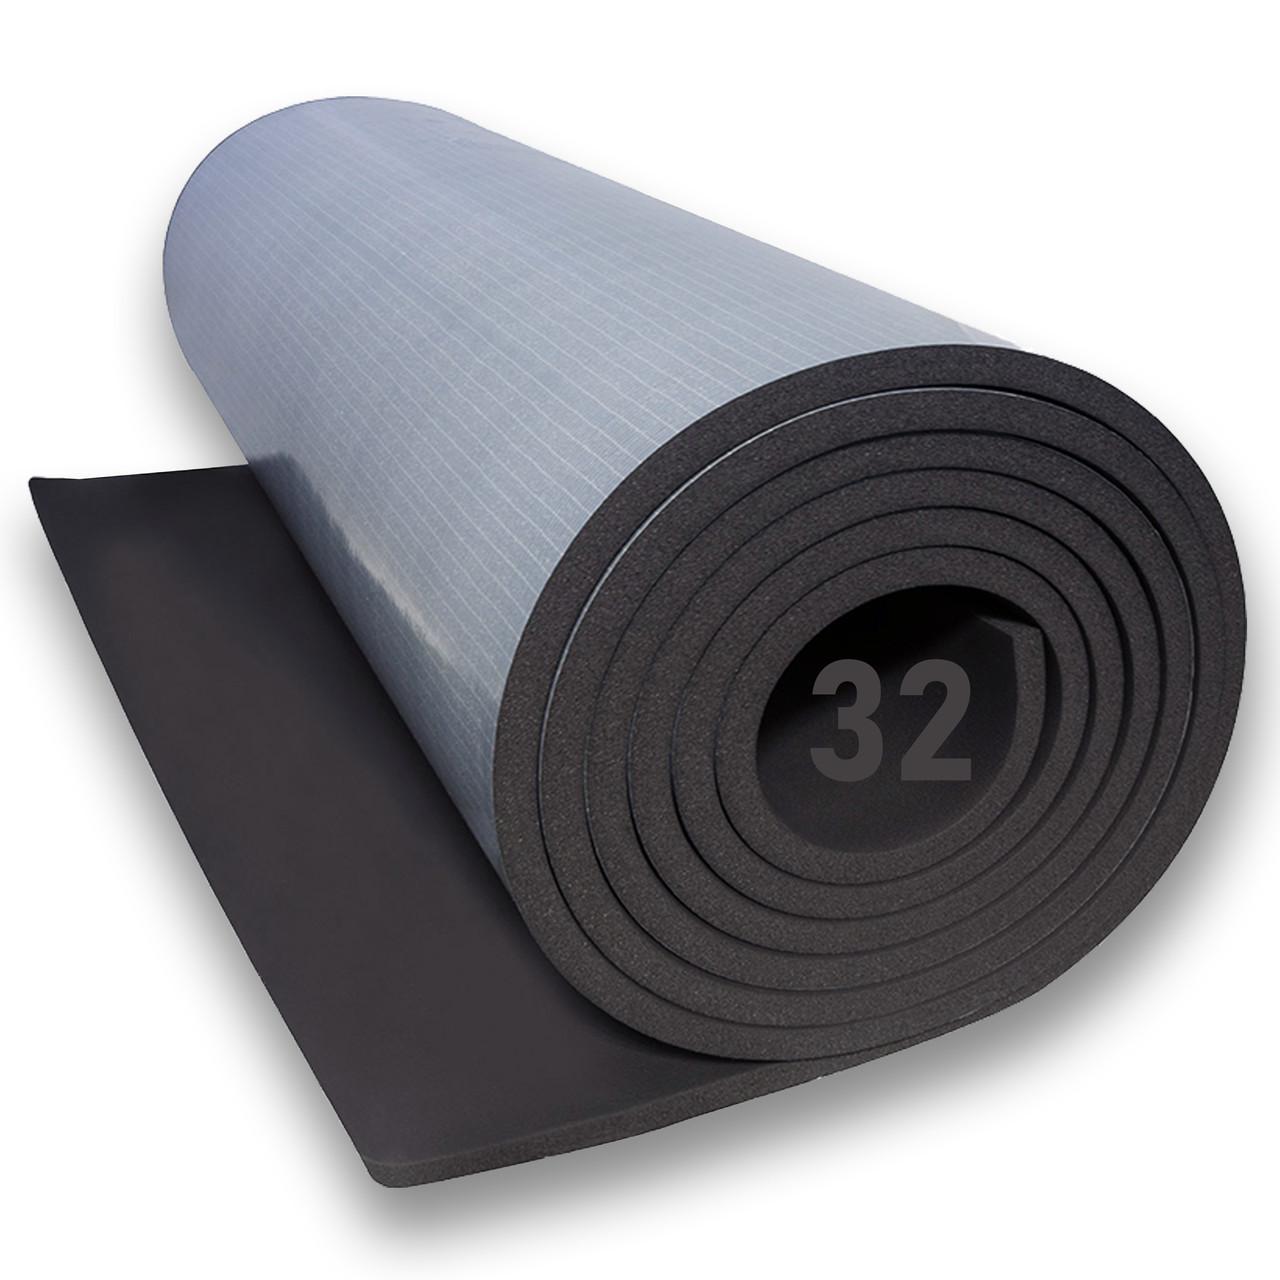 Вспененный каучук самоклеящийся 32 мм цена за рулон